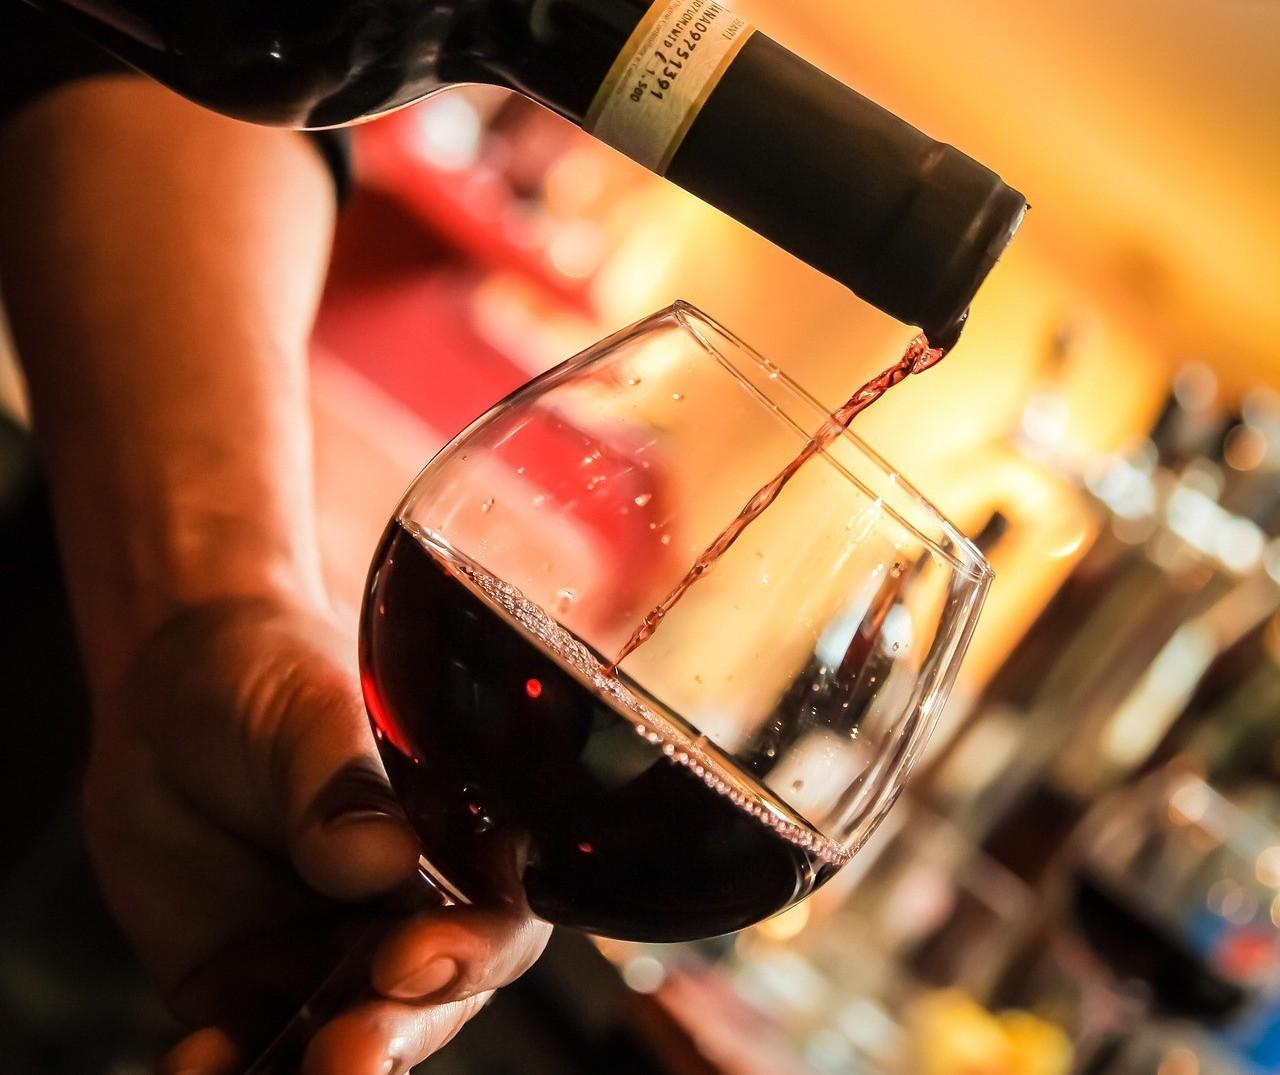 Em se tratando de vinho, consumidor quer diversidade